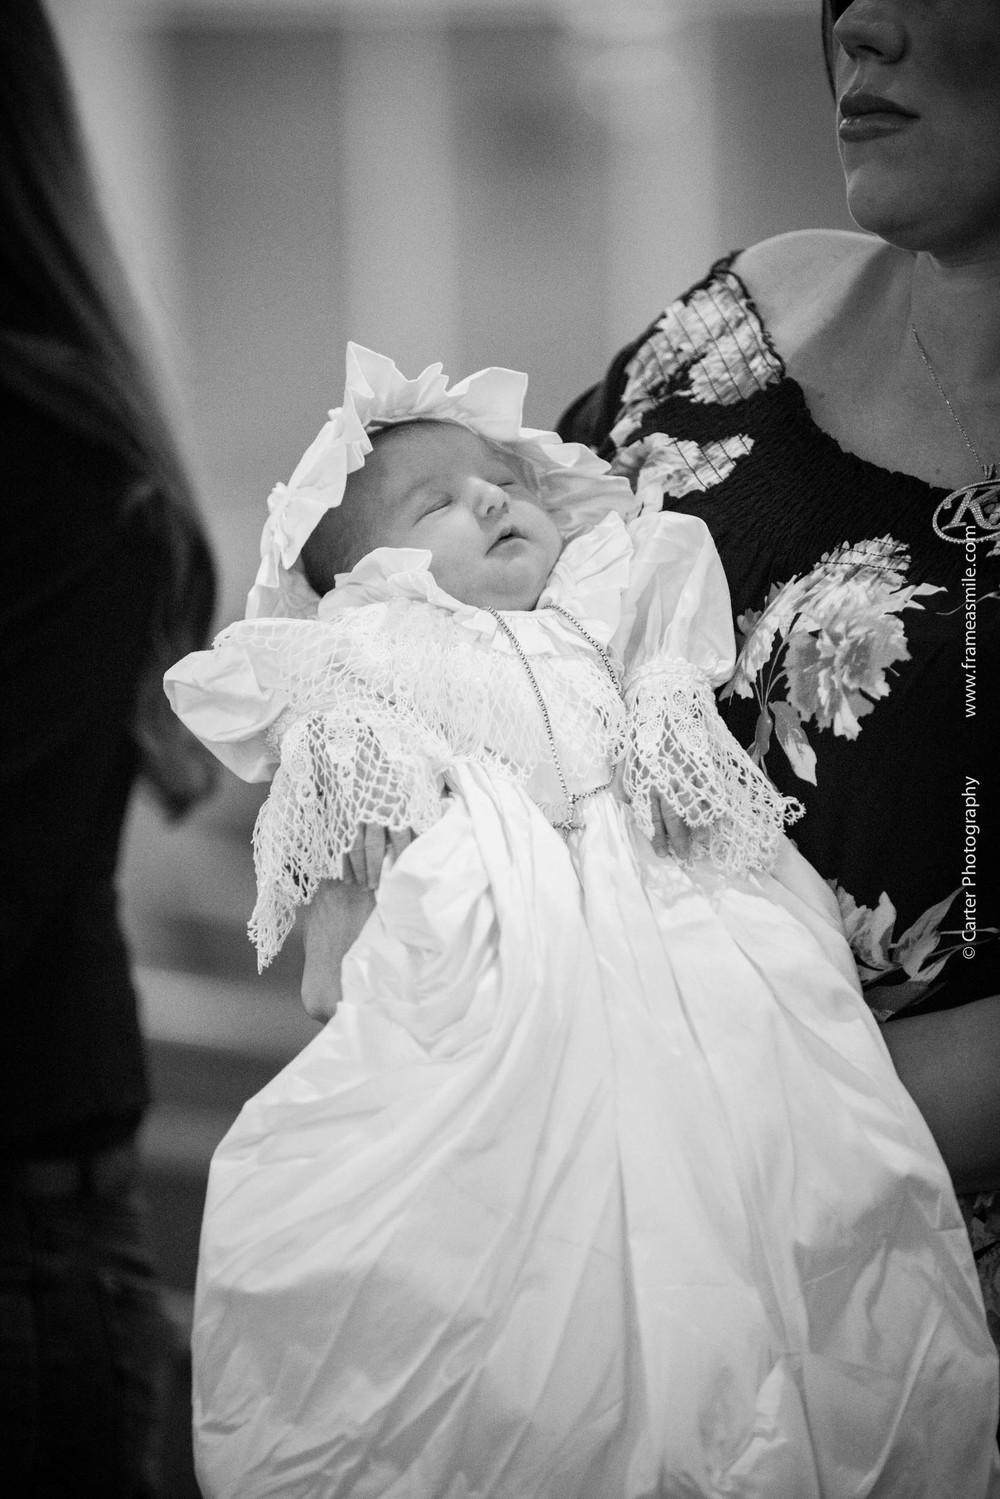 CarterPhotogreekorthadoxbaptism--105.jpg